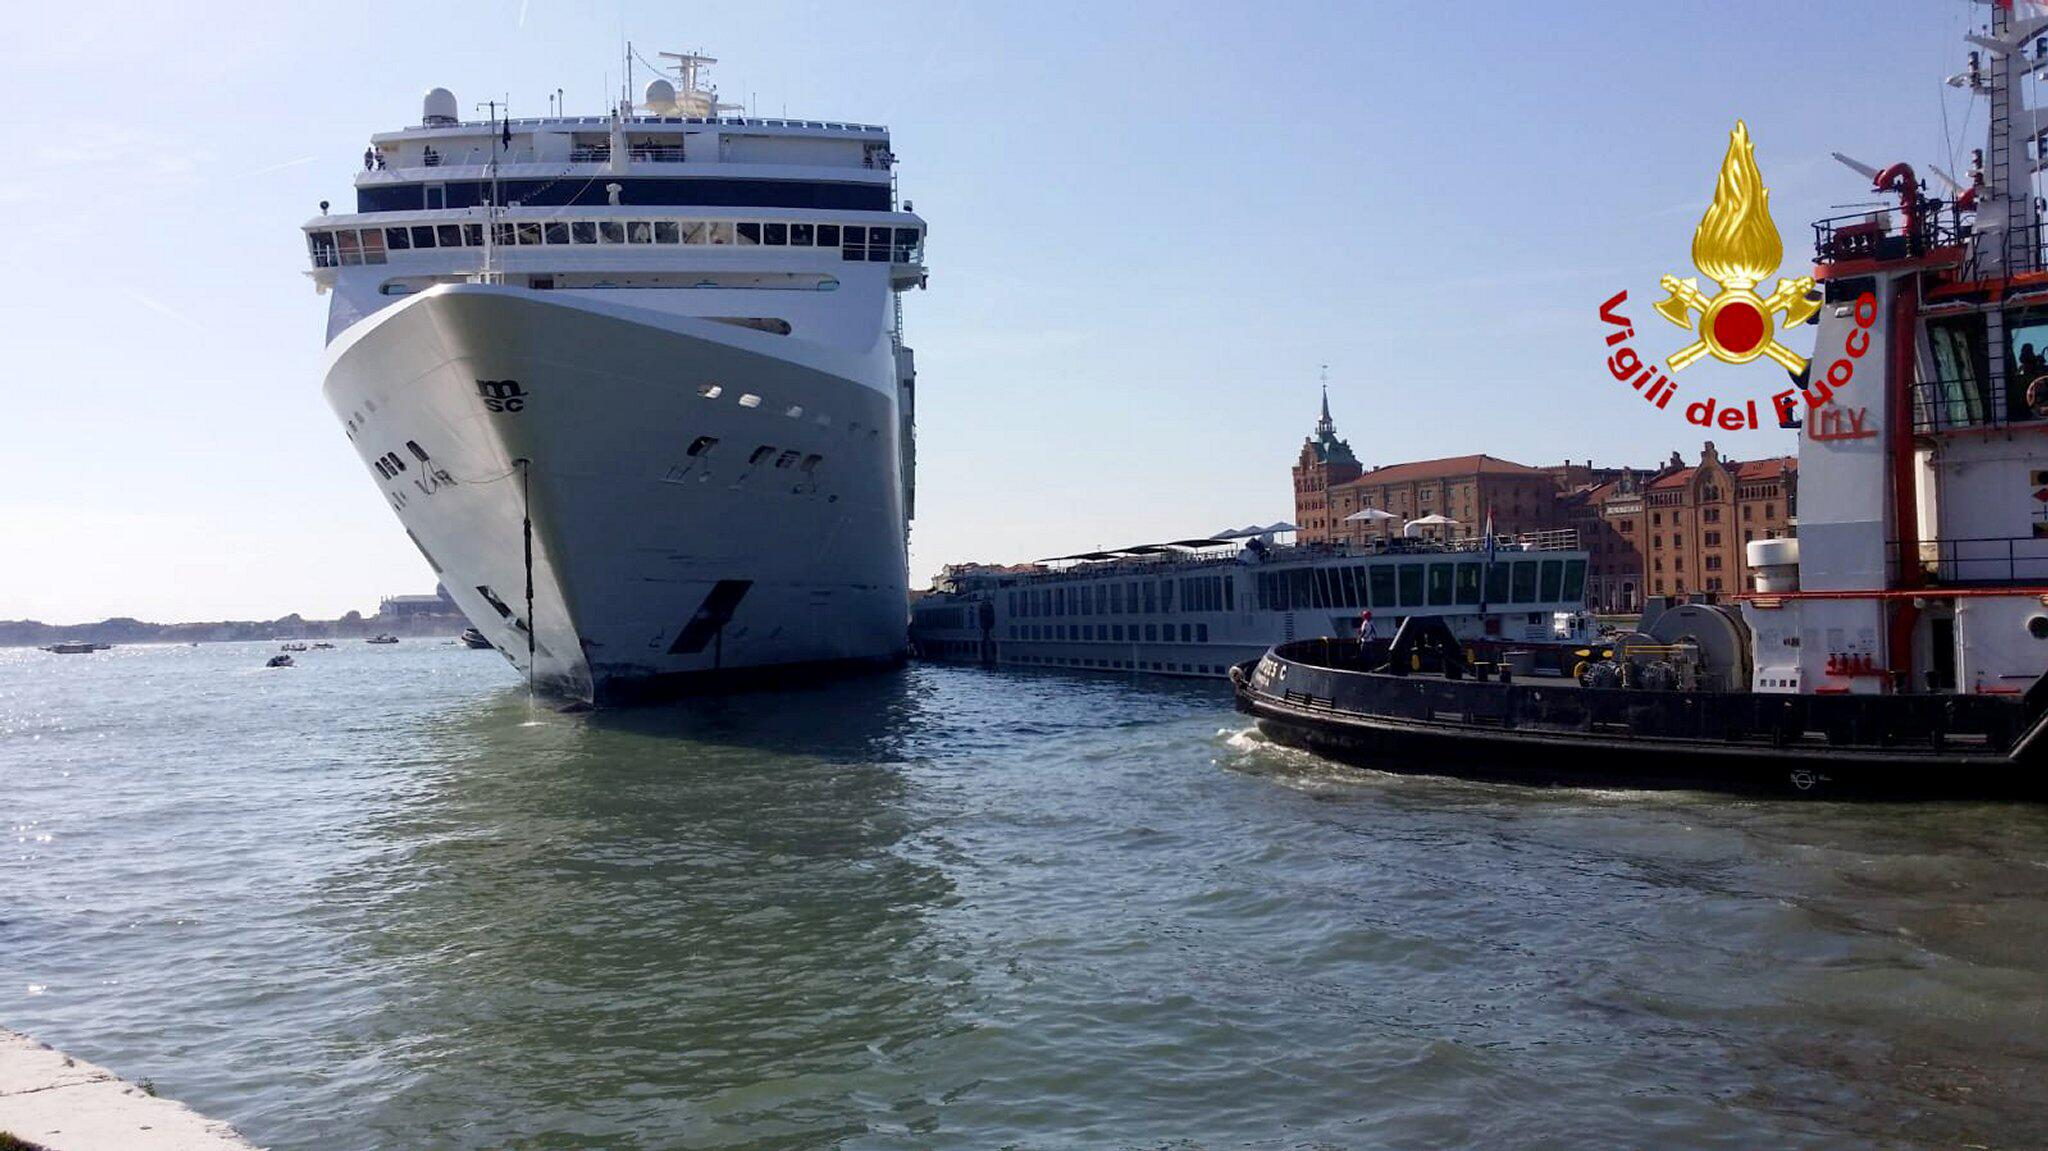 Bild zu Kreuzfahrtschiff rammt Touristenboot in Venedig